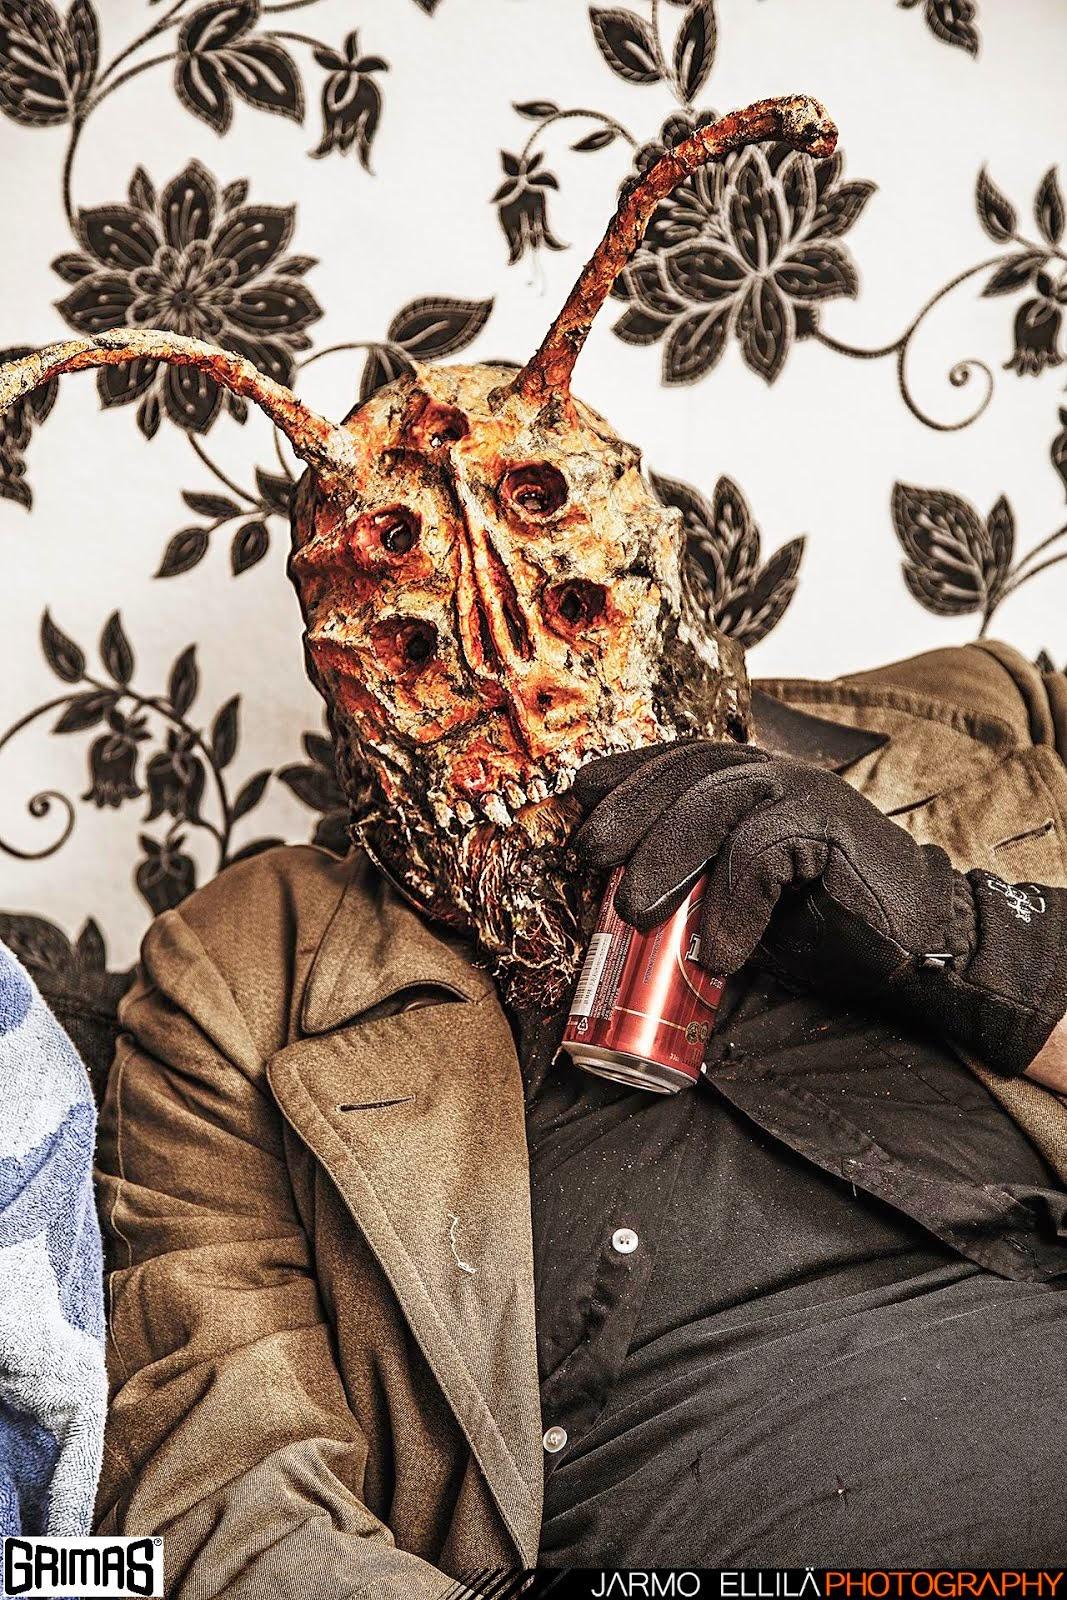 Ant-Alien-Man / model: Jukka Hautajärvi. Makeup: Ari Savonen.